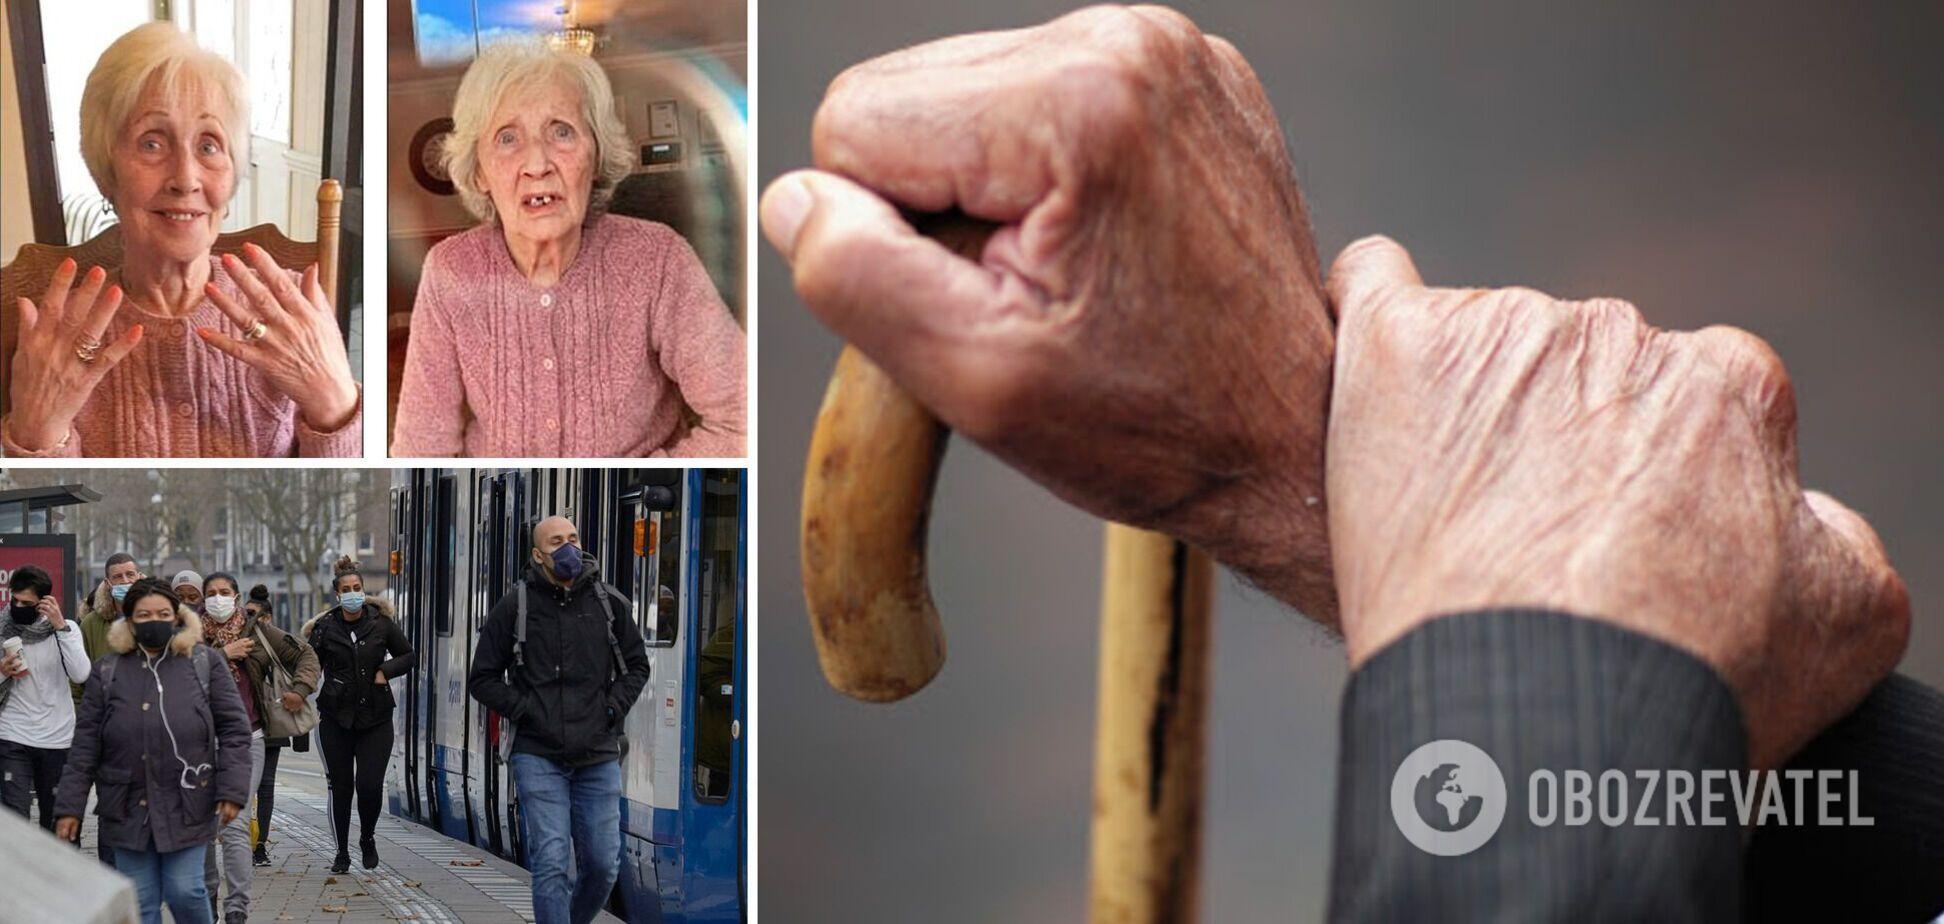 В Британии показали, как карантин изменил до неузнаваемости людей в домах престарелых. Фото до и после